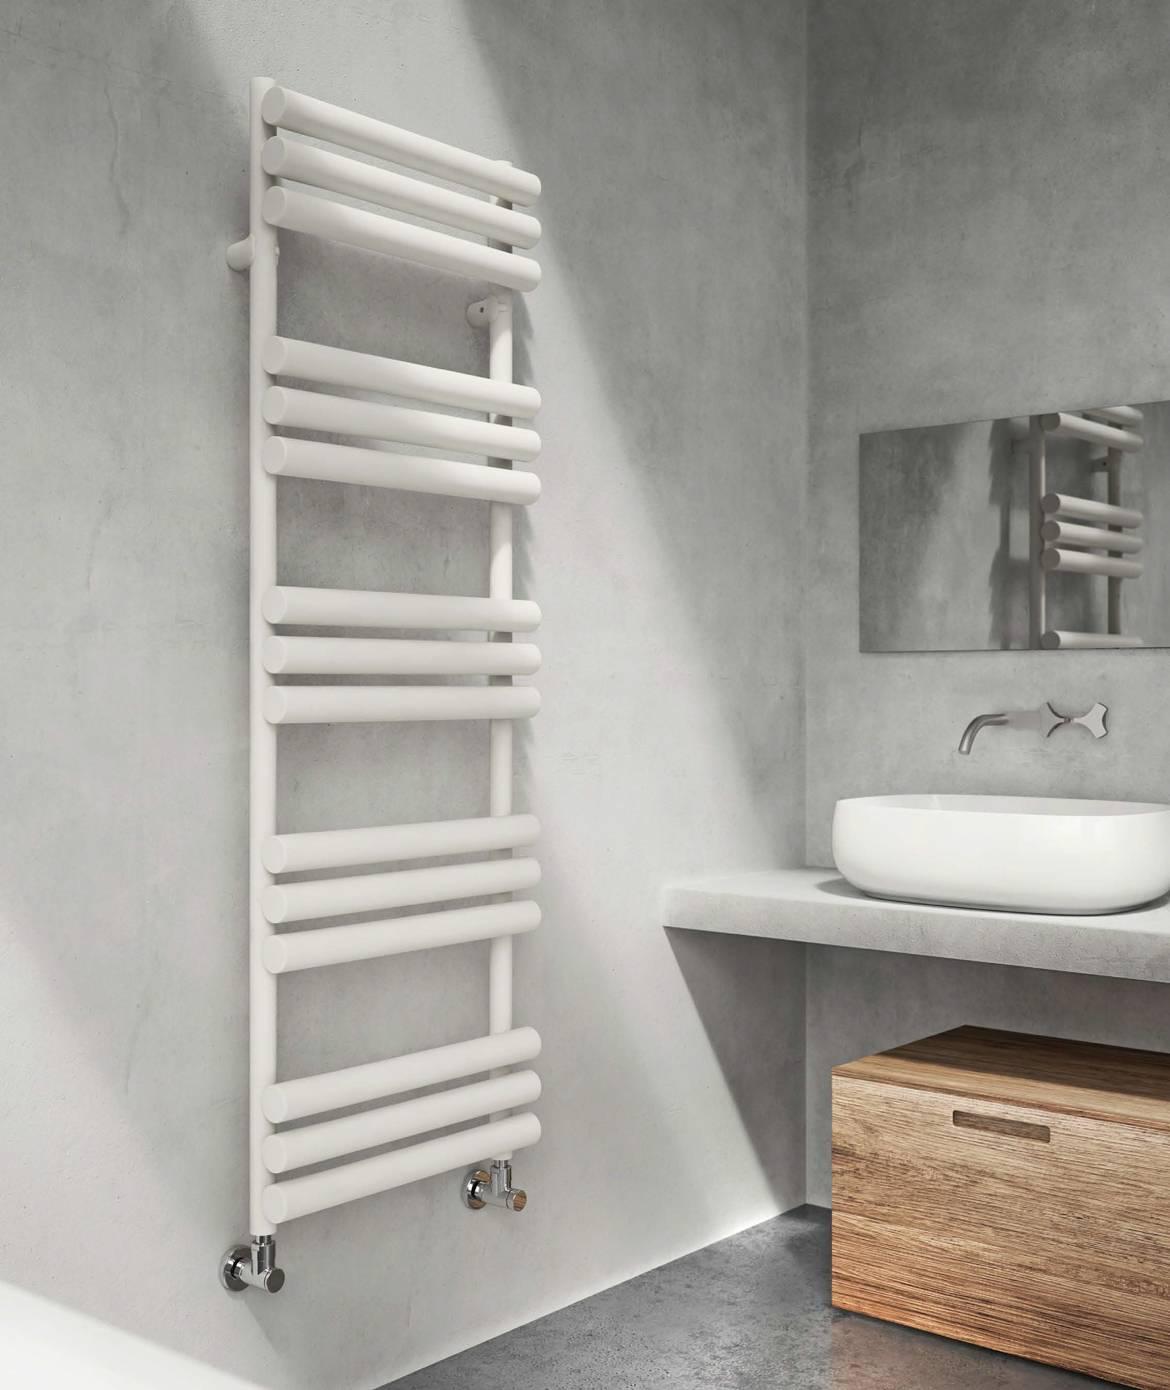 Scaldasalviette-graziano-radiators-osaka-verticale